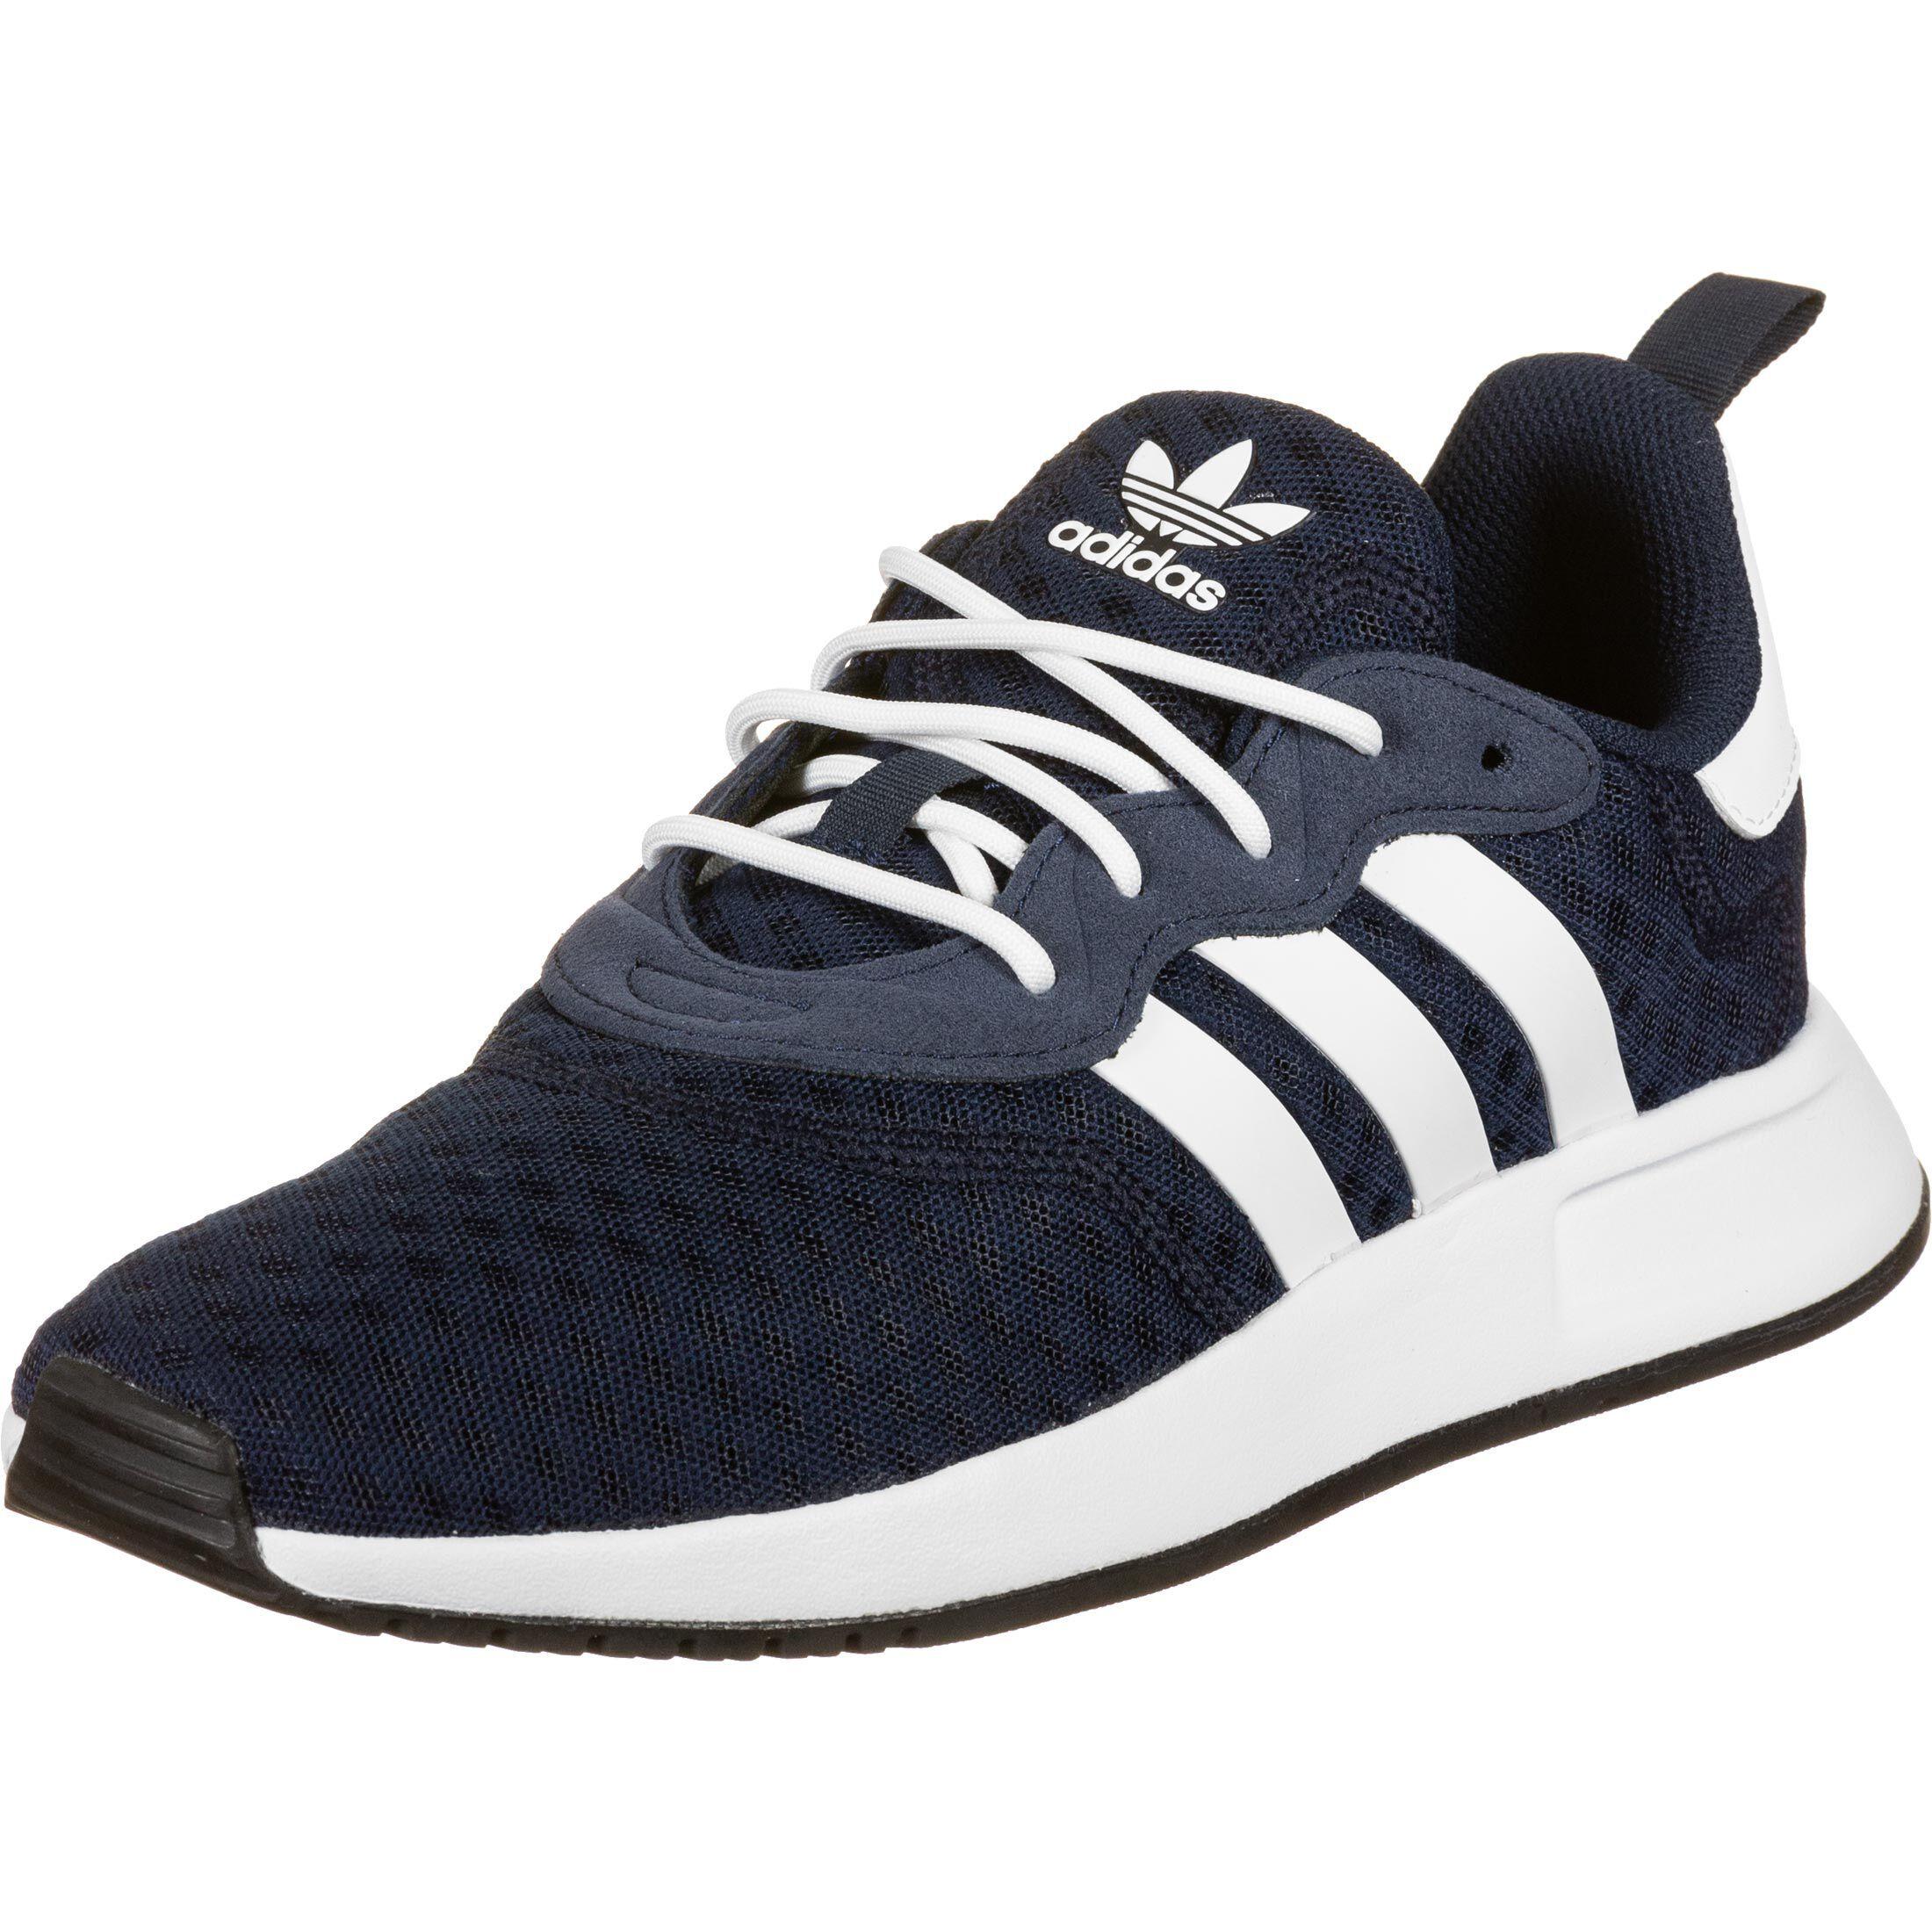 adidas X_PLR S, 35.5 EU, enfant, bleu